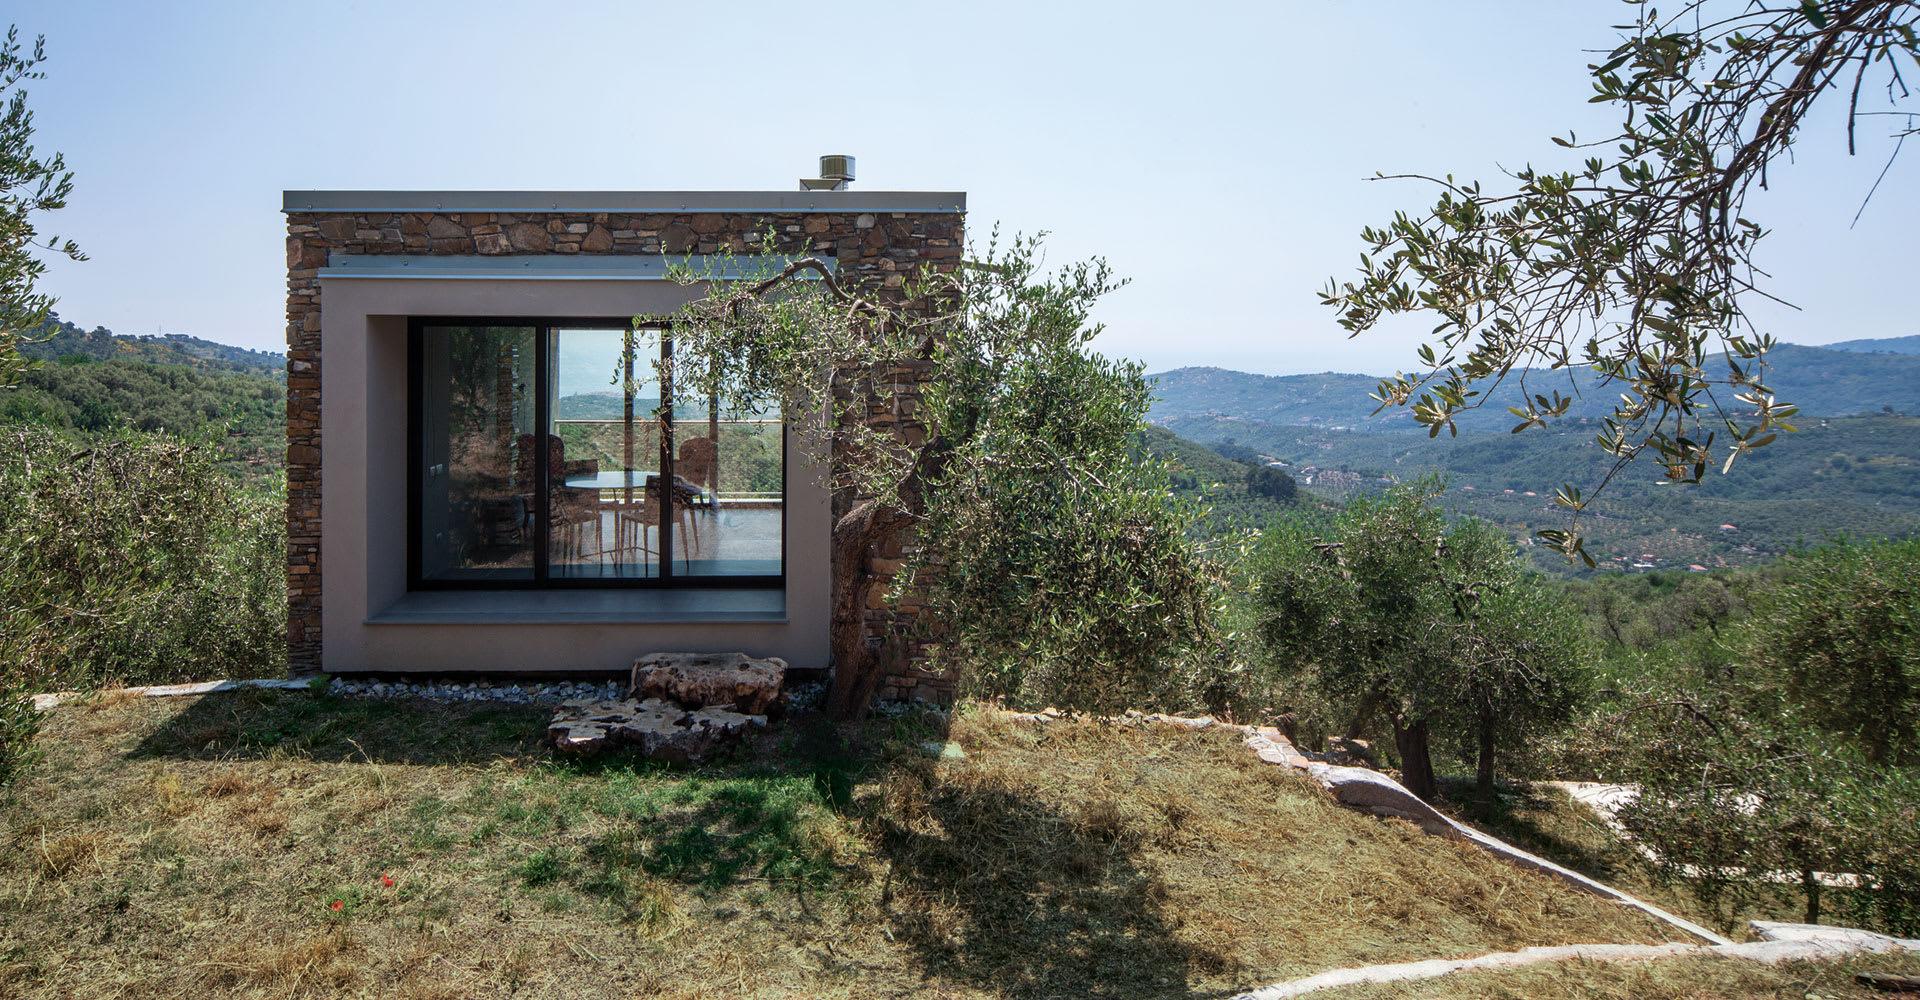 Illuminazione Per Casa Al Mare studioata, beppe giardino · la casa tra gli ulivi · divisare